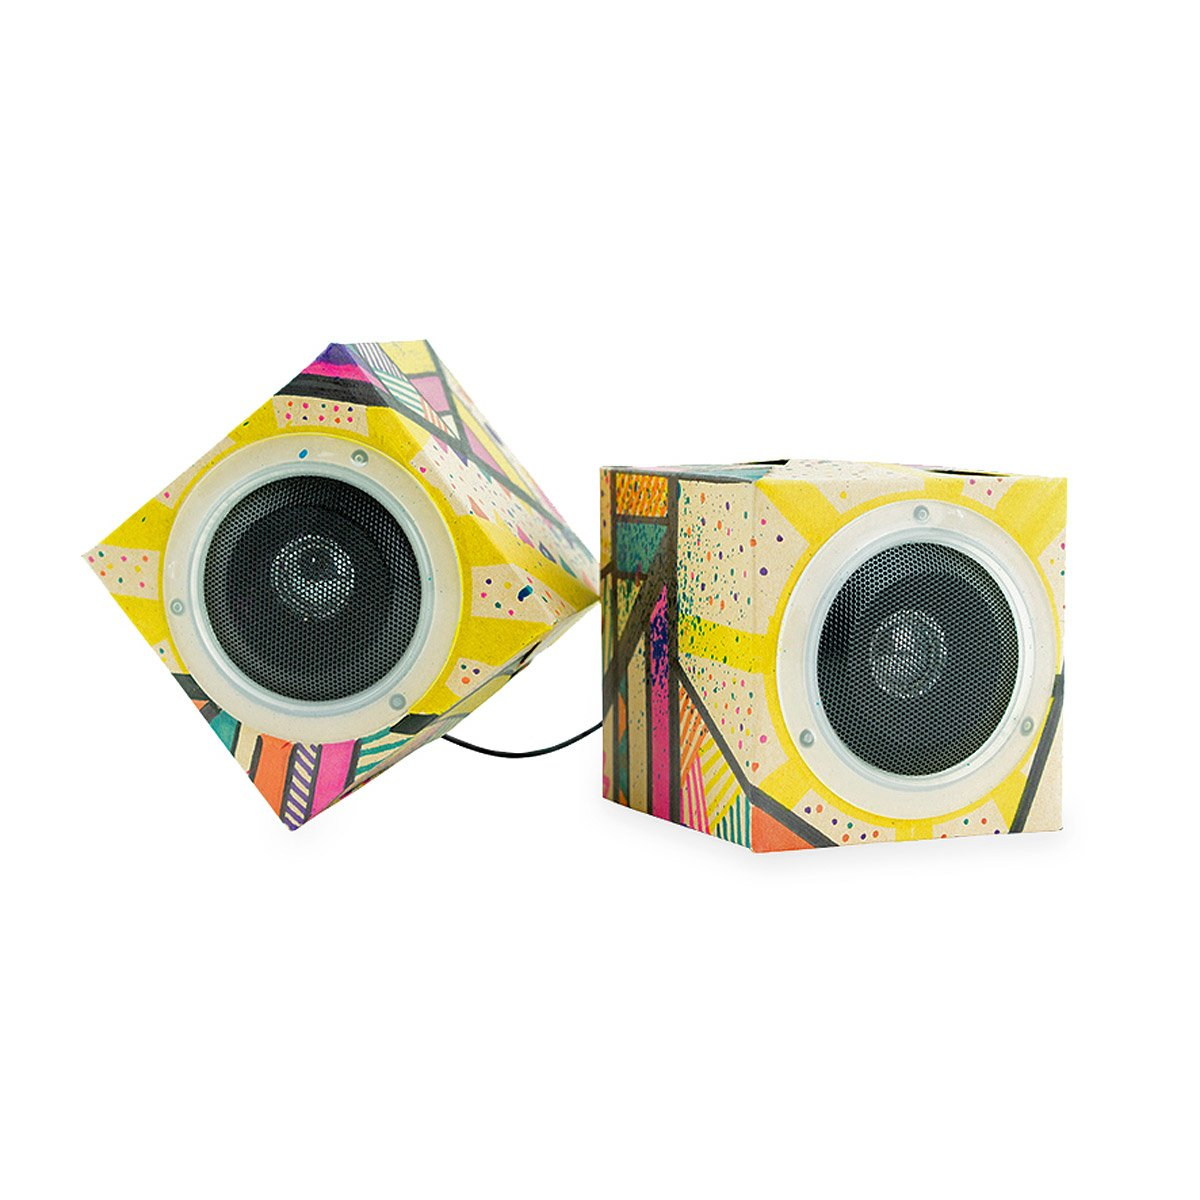 Unique Speakers unique speaker gifts | uncommongoods